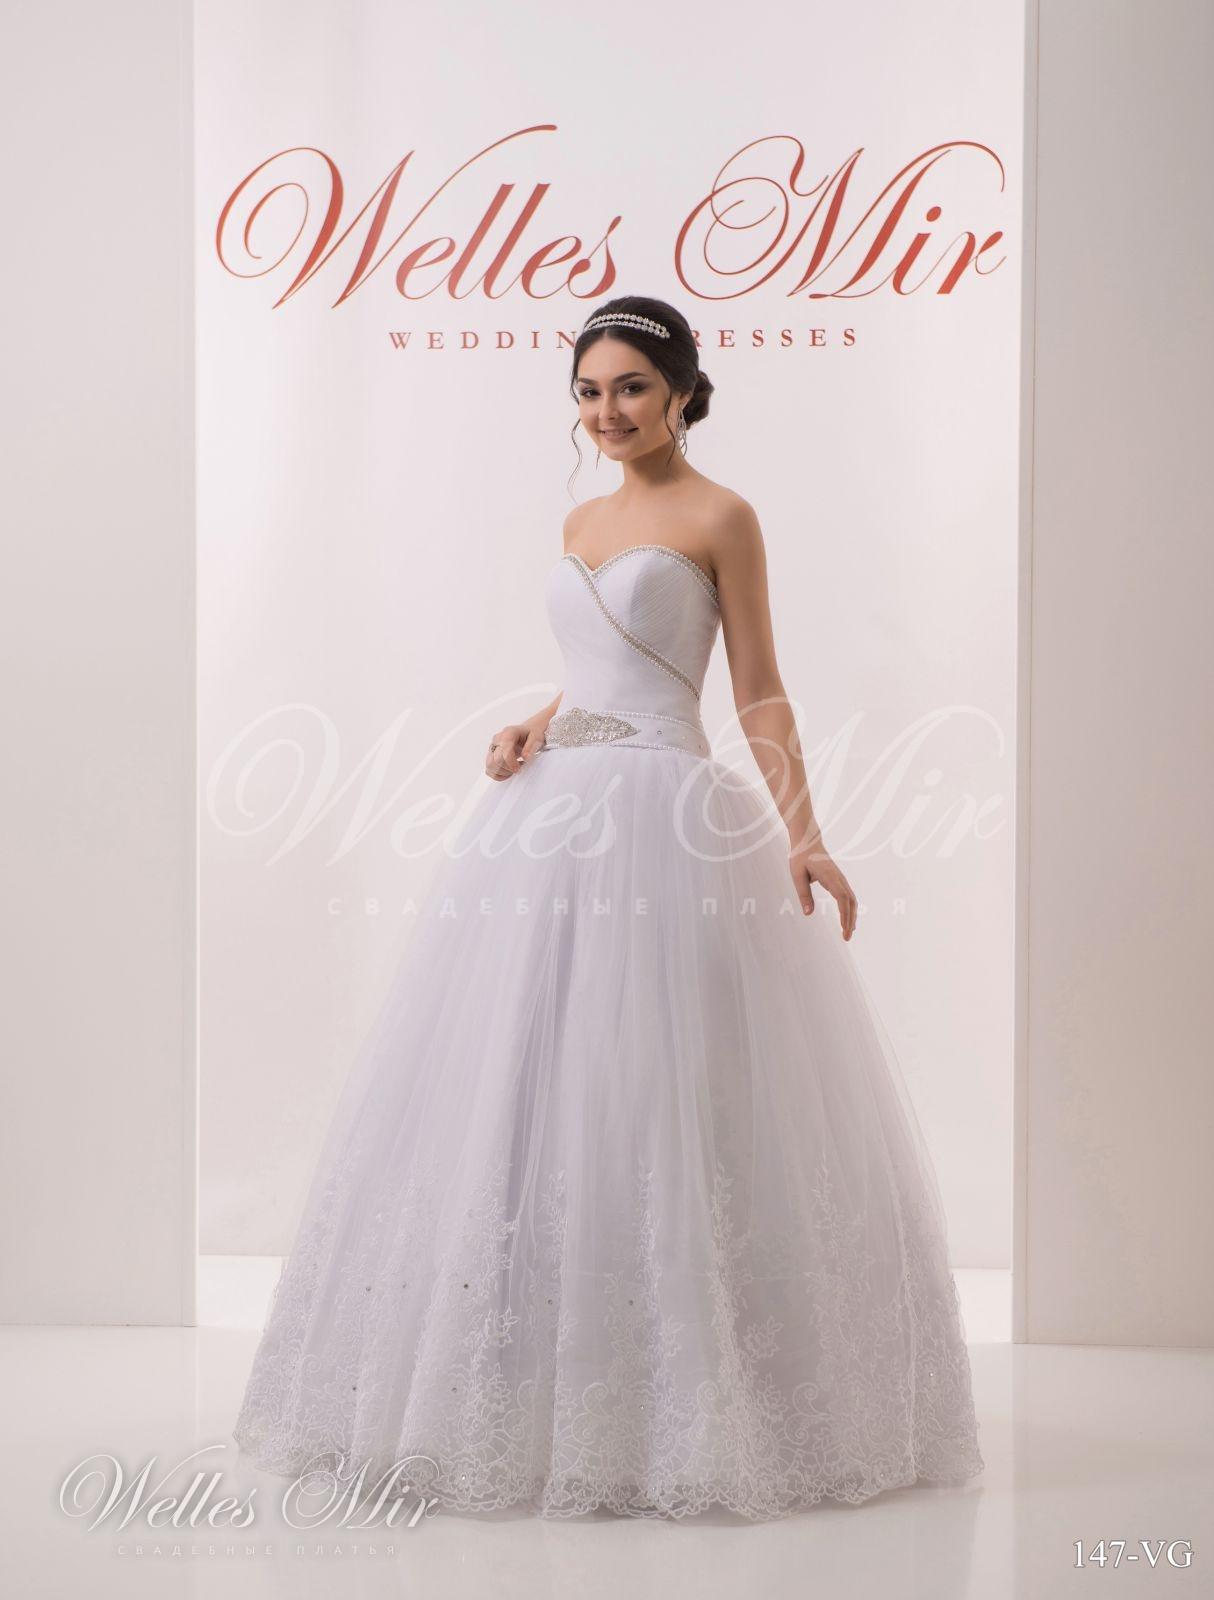 Свадебные платья Soft collection - 147-VG